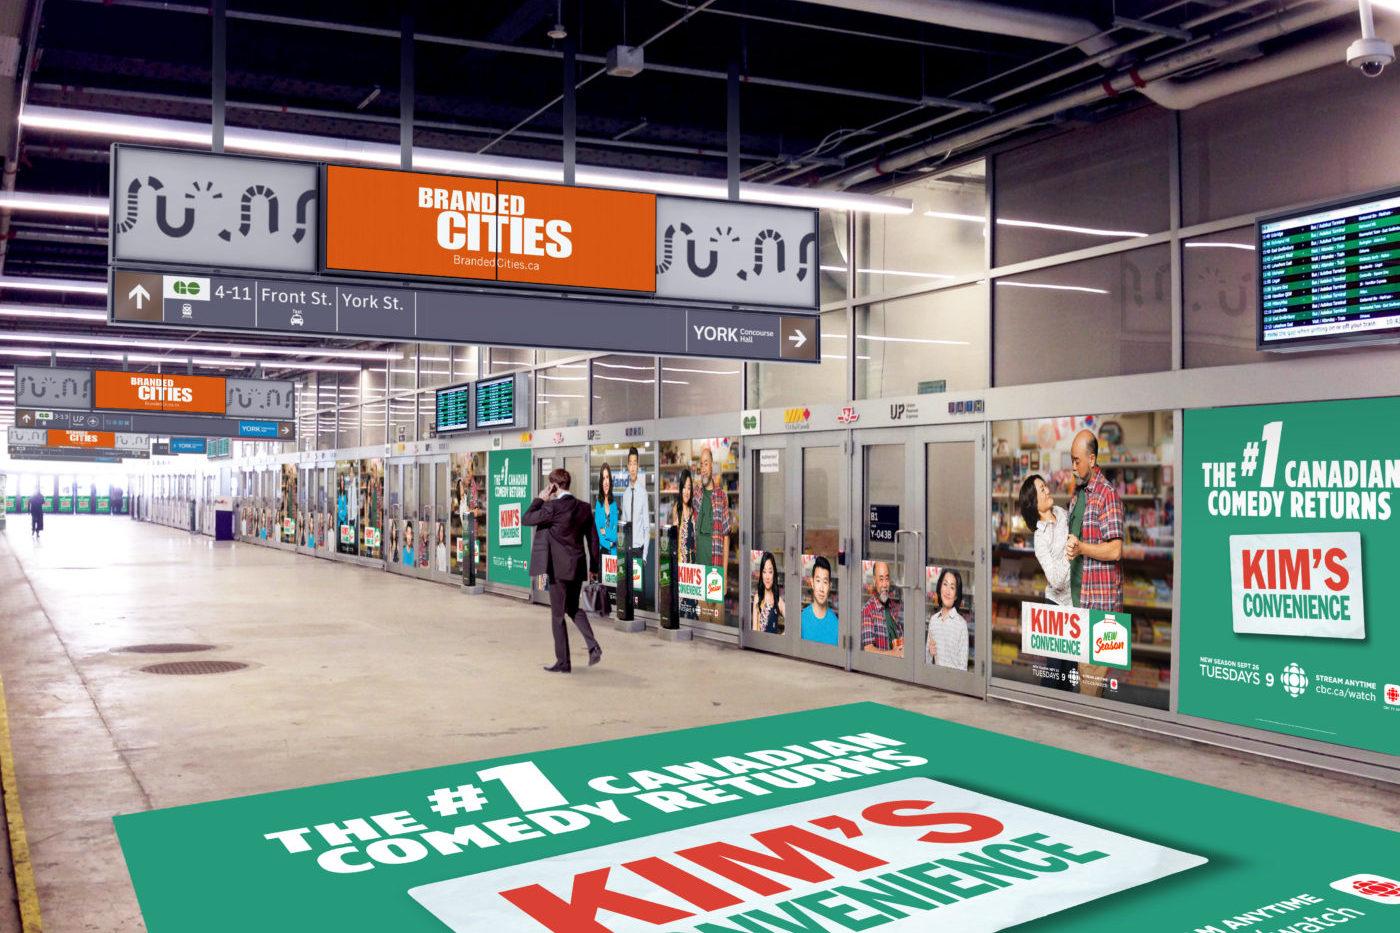 CBC - Kim's Convenience - Union Station - York St. Teamway (Toronto, Ontario)